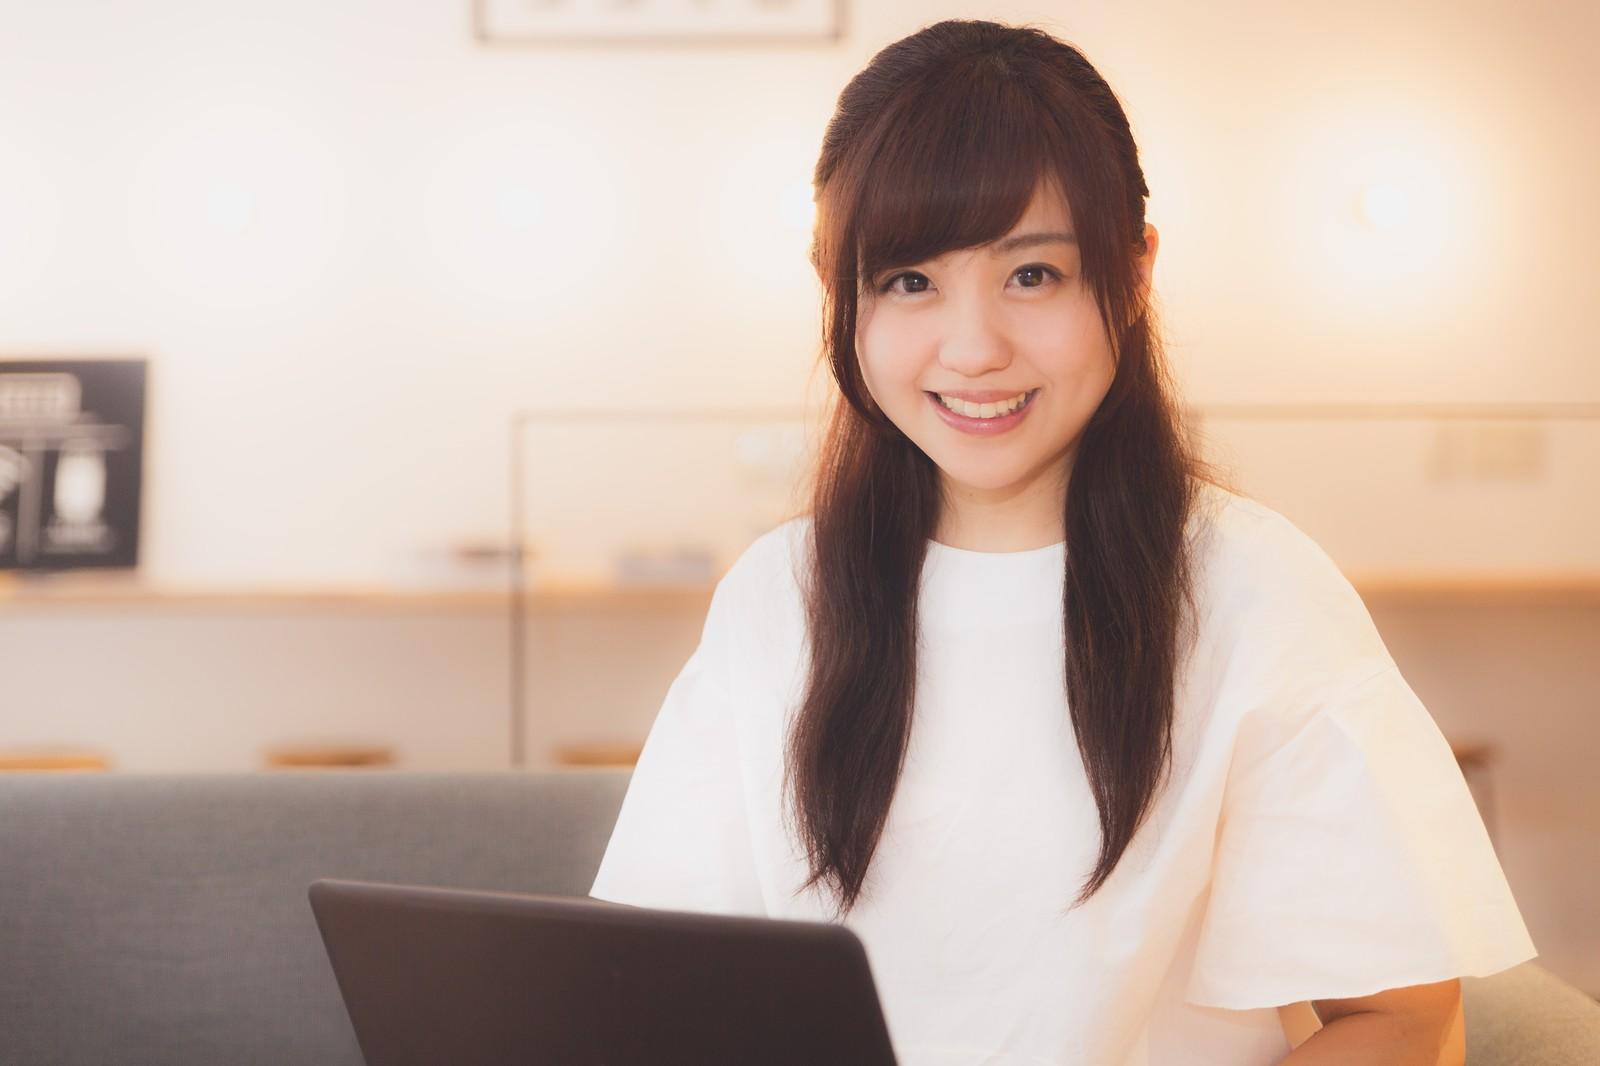 【女性必見】女性がIT業界への転職を視野に入れるべき理由